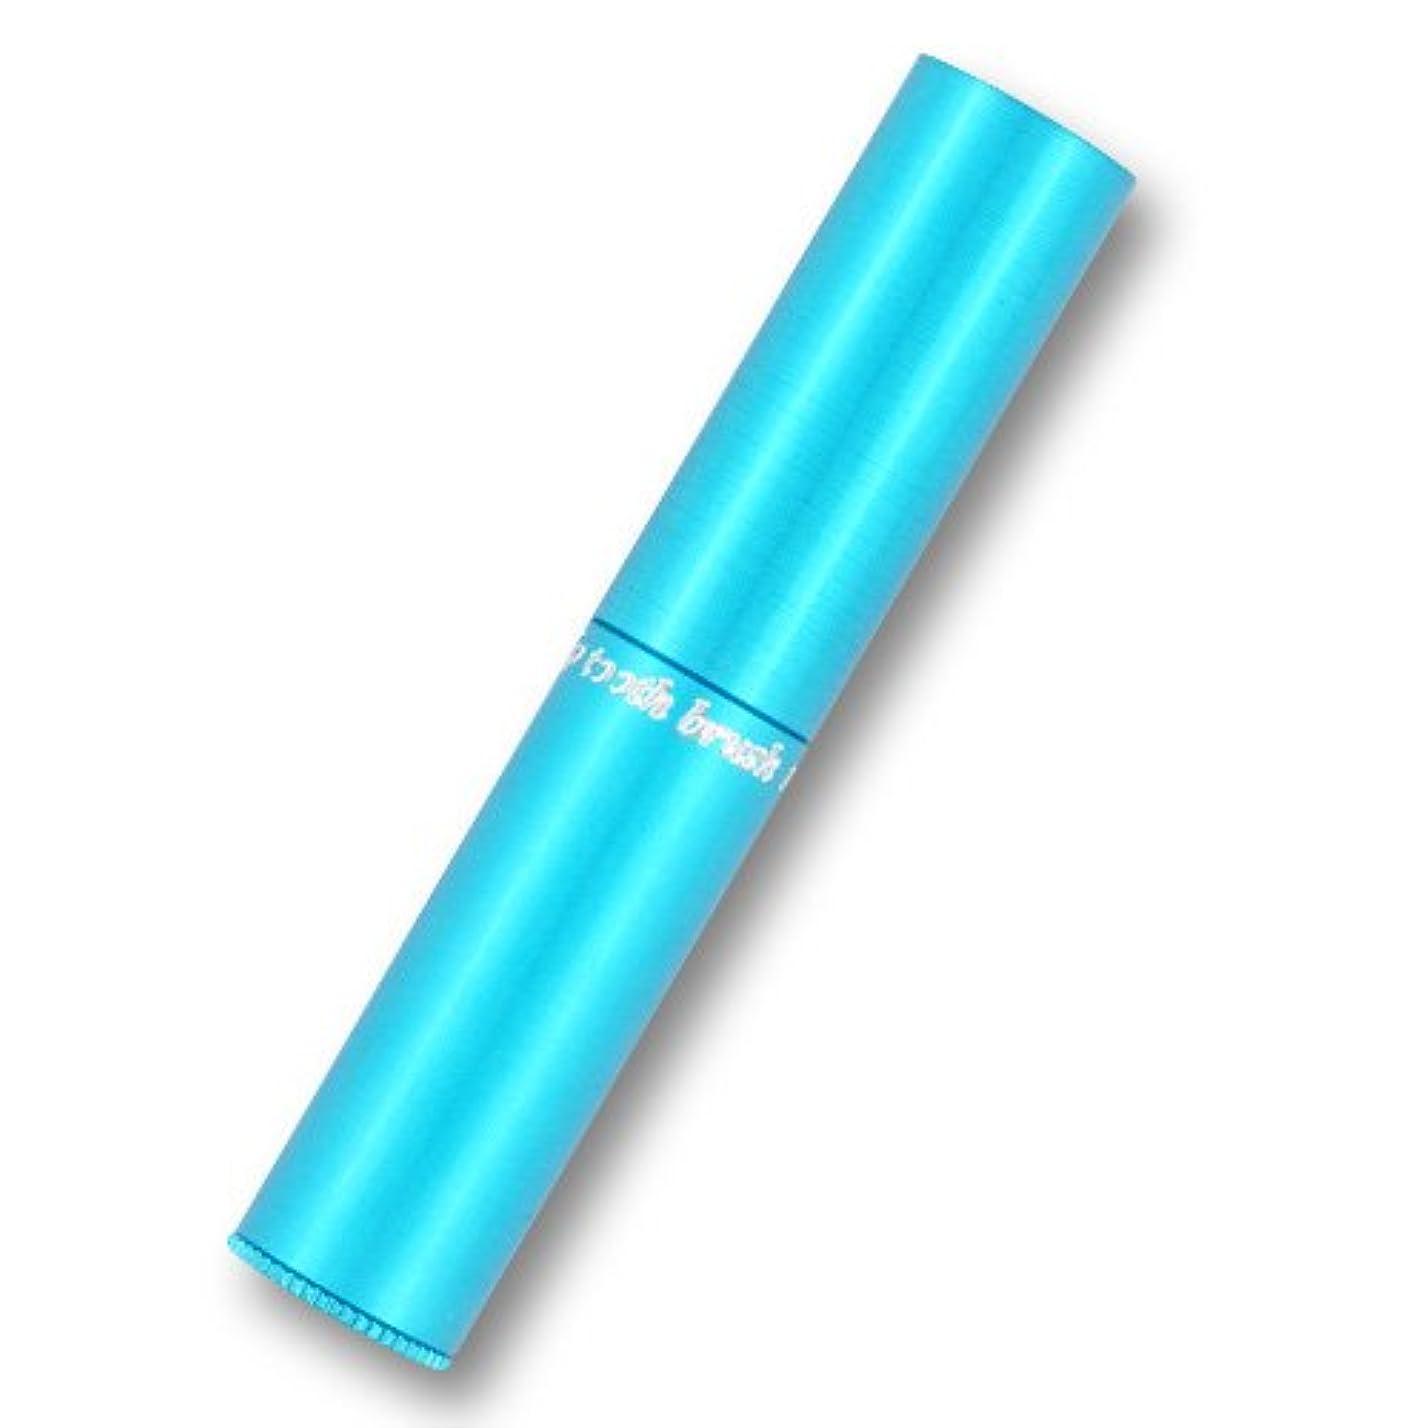 困難反抗回復携帯歯ブラシ?タベタラmigaCO(ブルー)